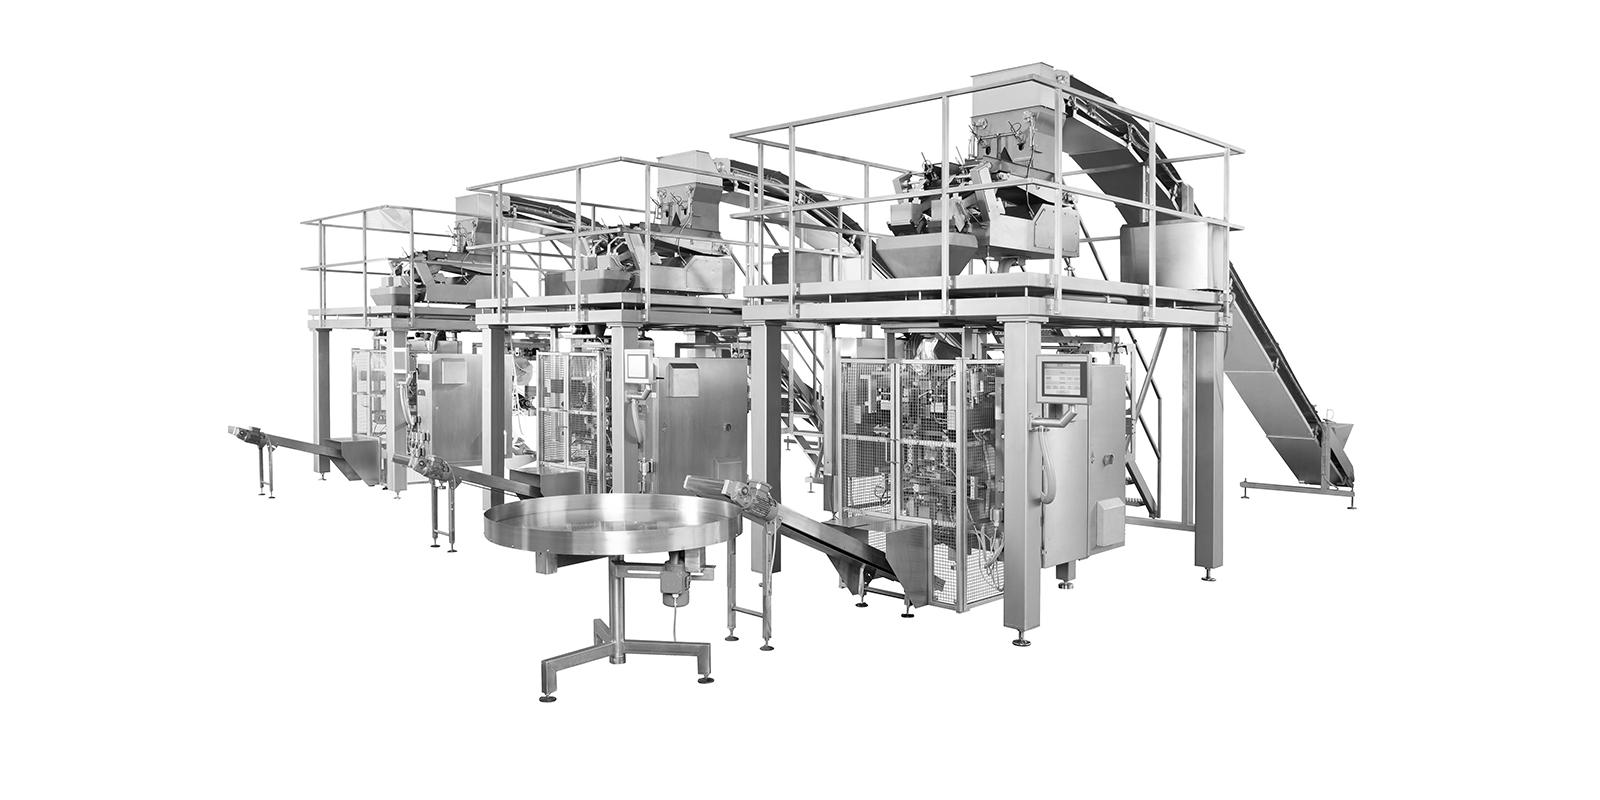 ITW Industrie-Technik Werth GmbH - Technische Zeichnung - 3D Rendering